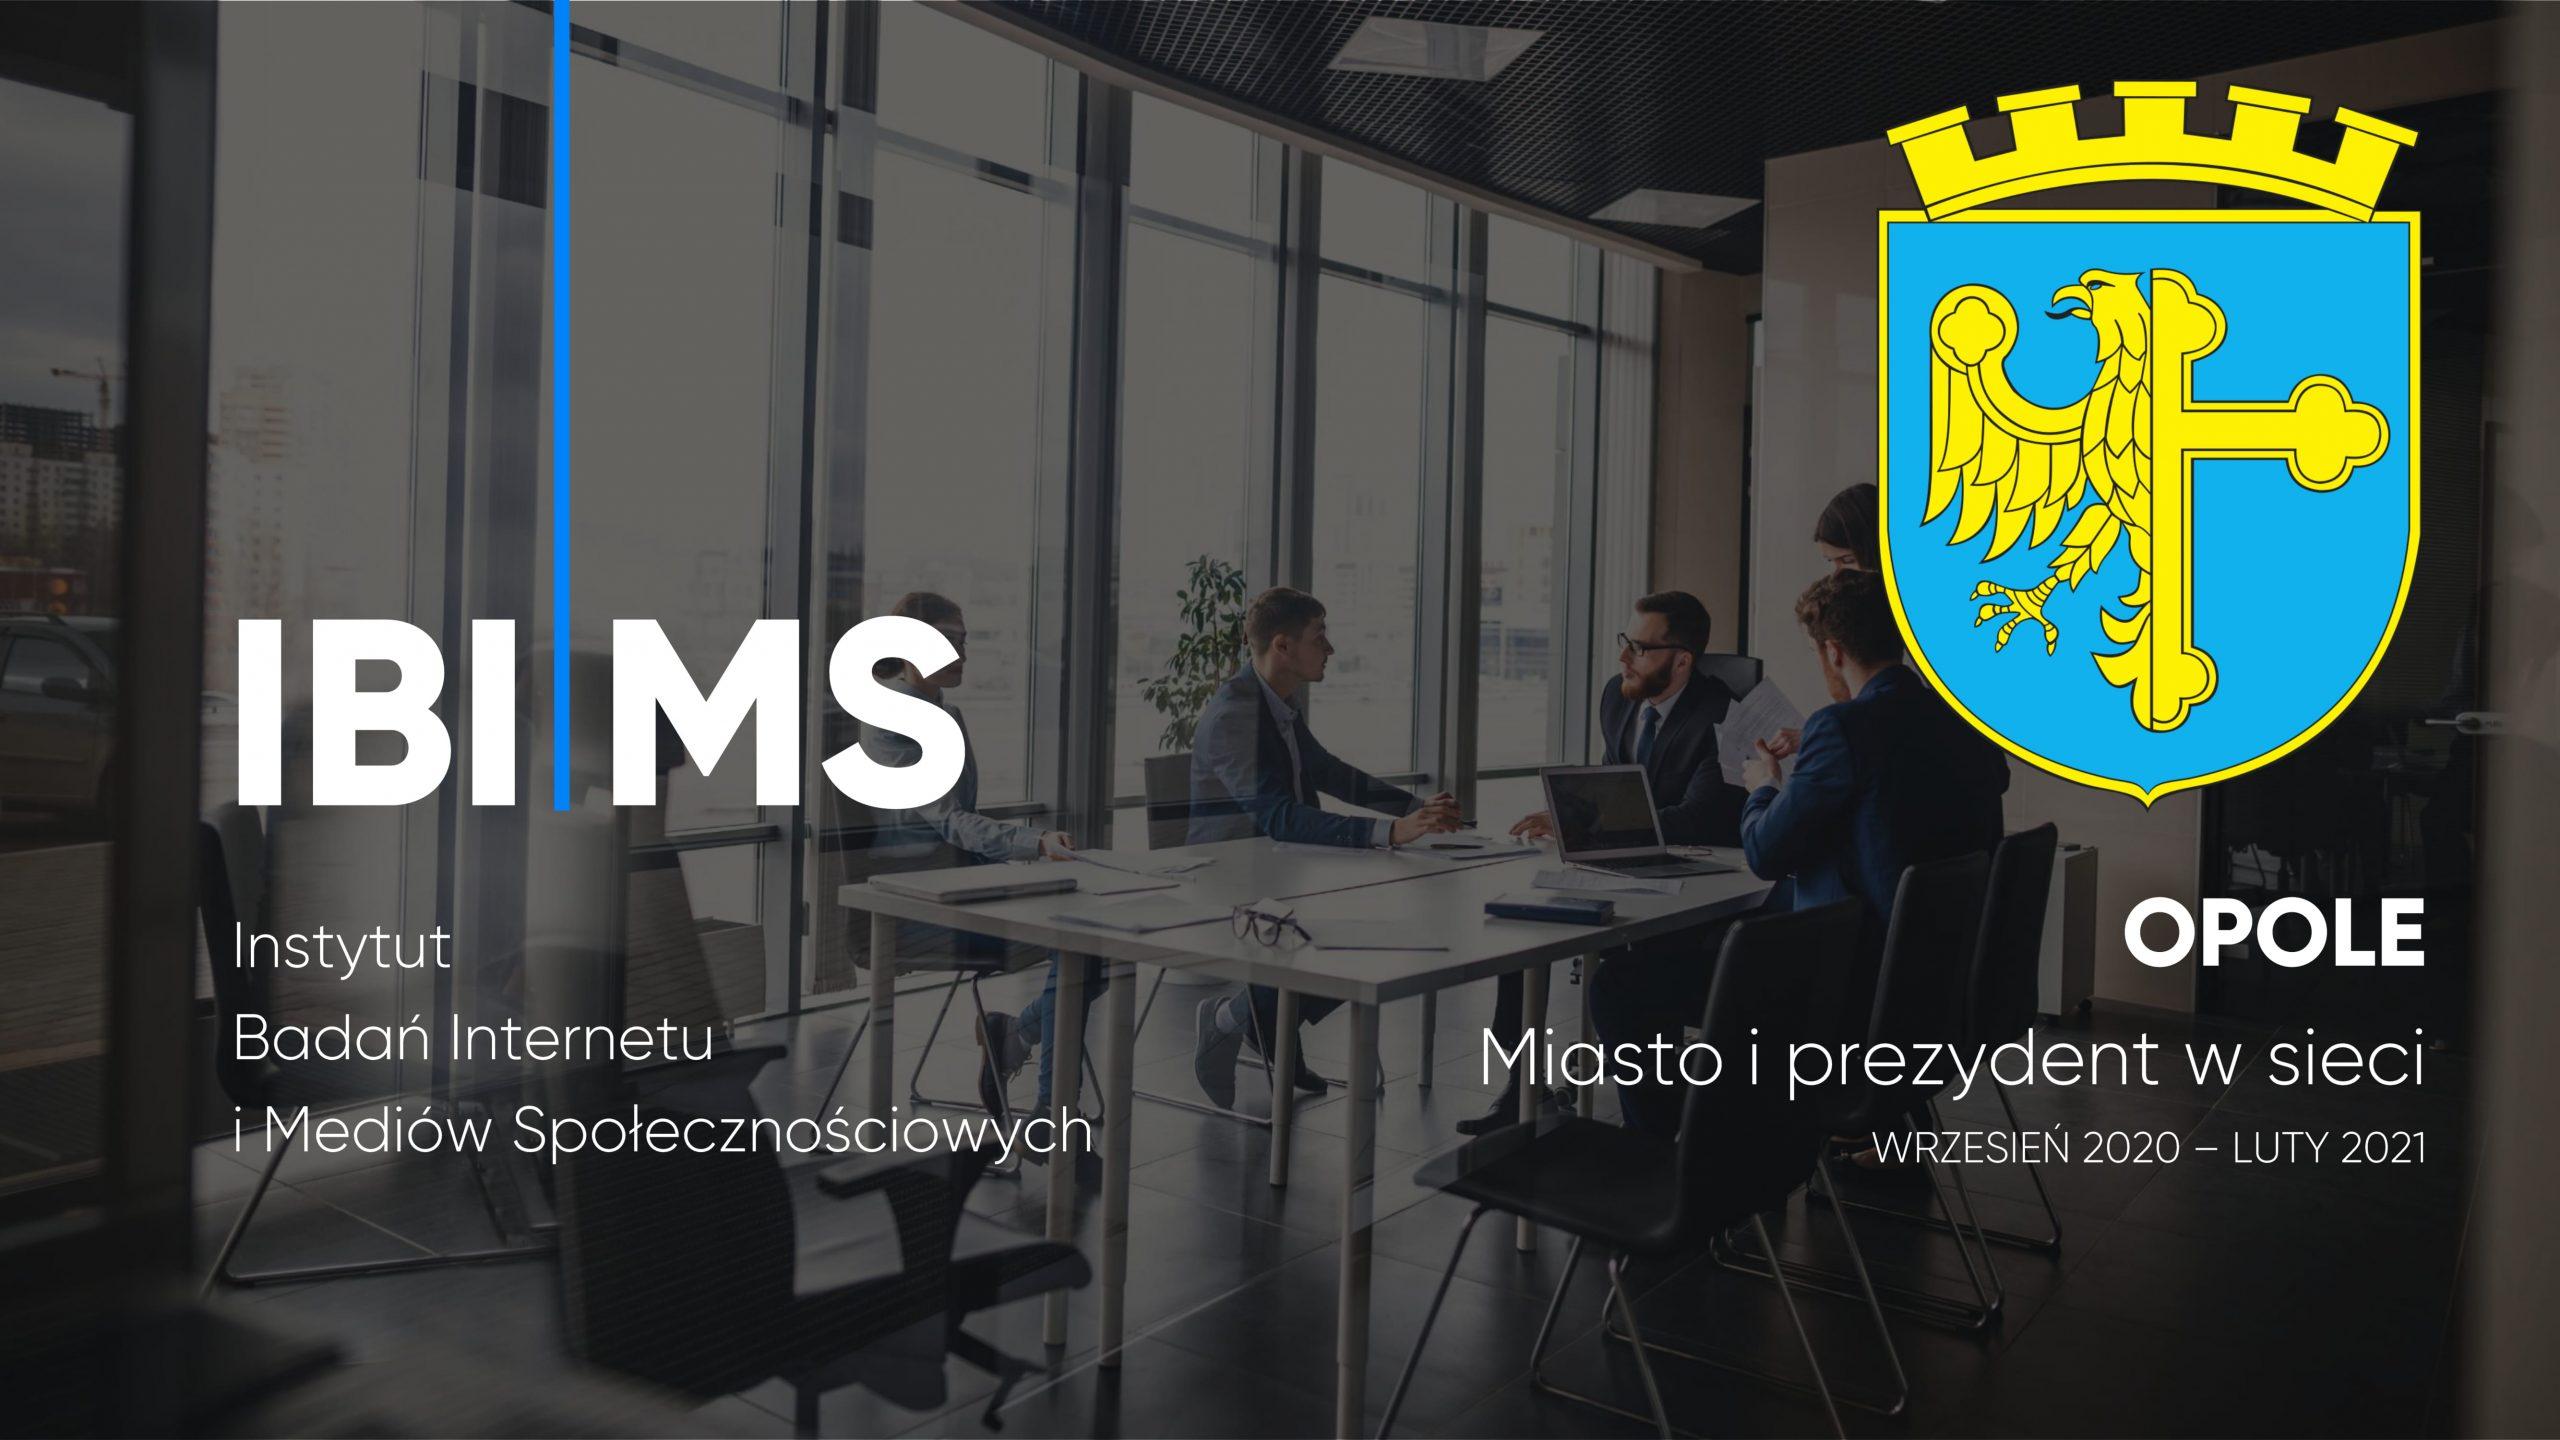 Opole i Prezydent Opola w internecie – raport IBIMS